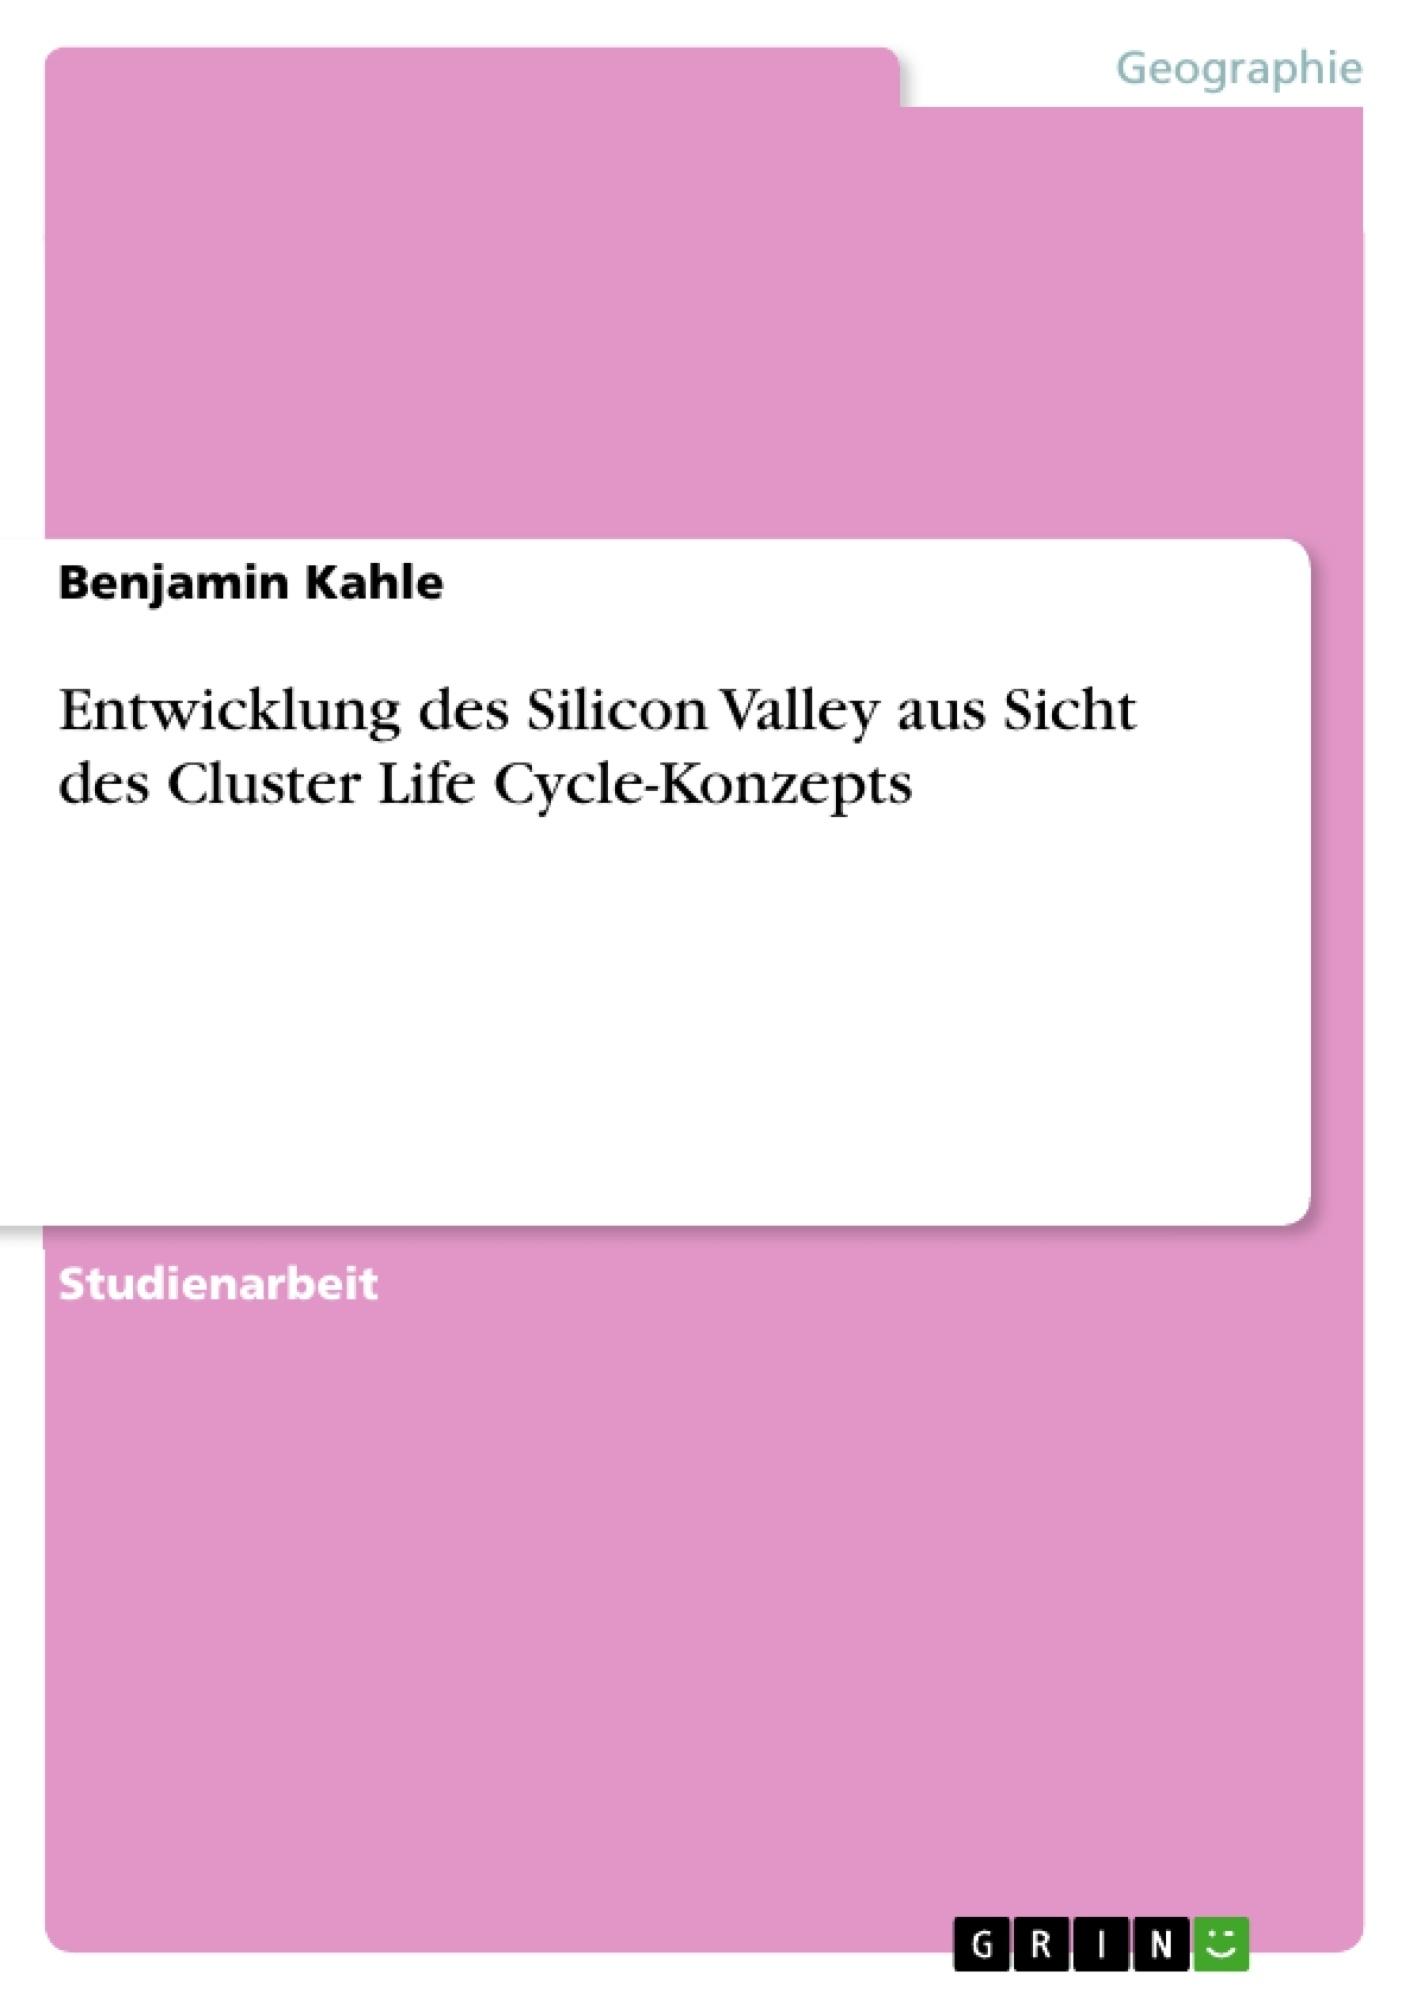 Titel: Entwicklung des Silicon Valley aus Sicht des Cluster Life Cycle-Konzepts